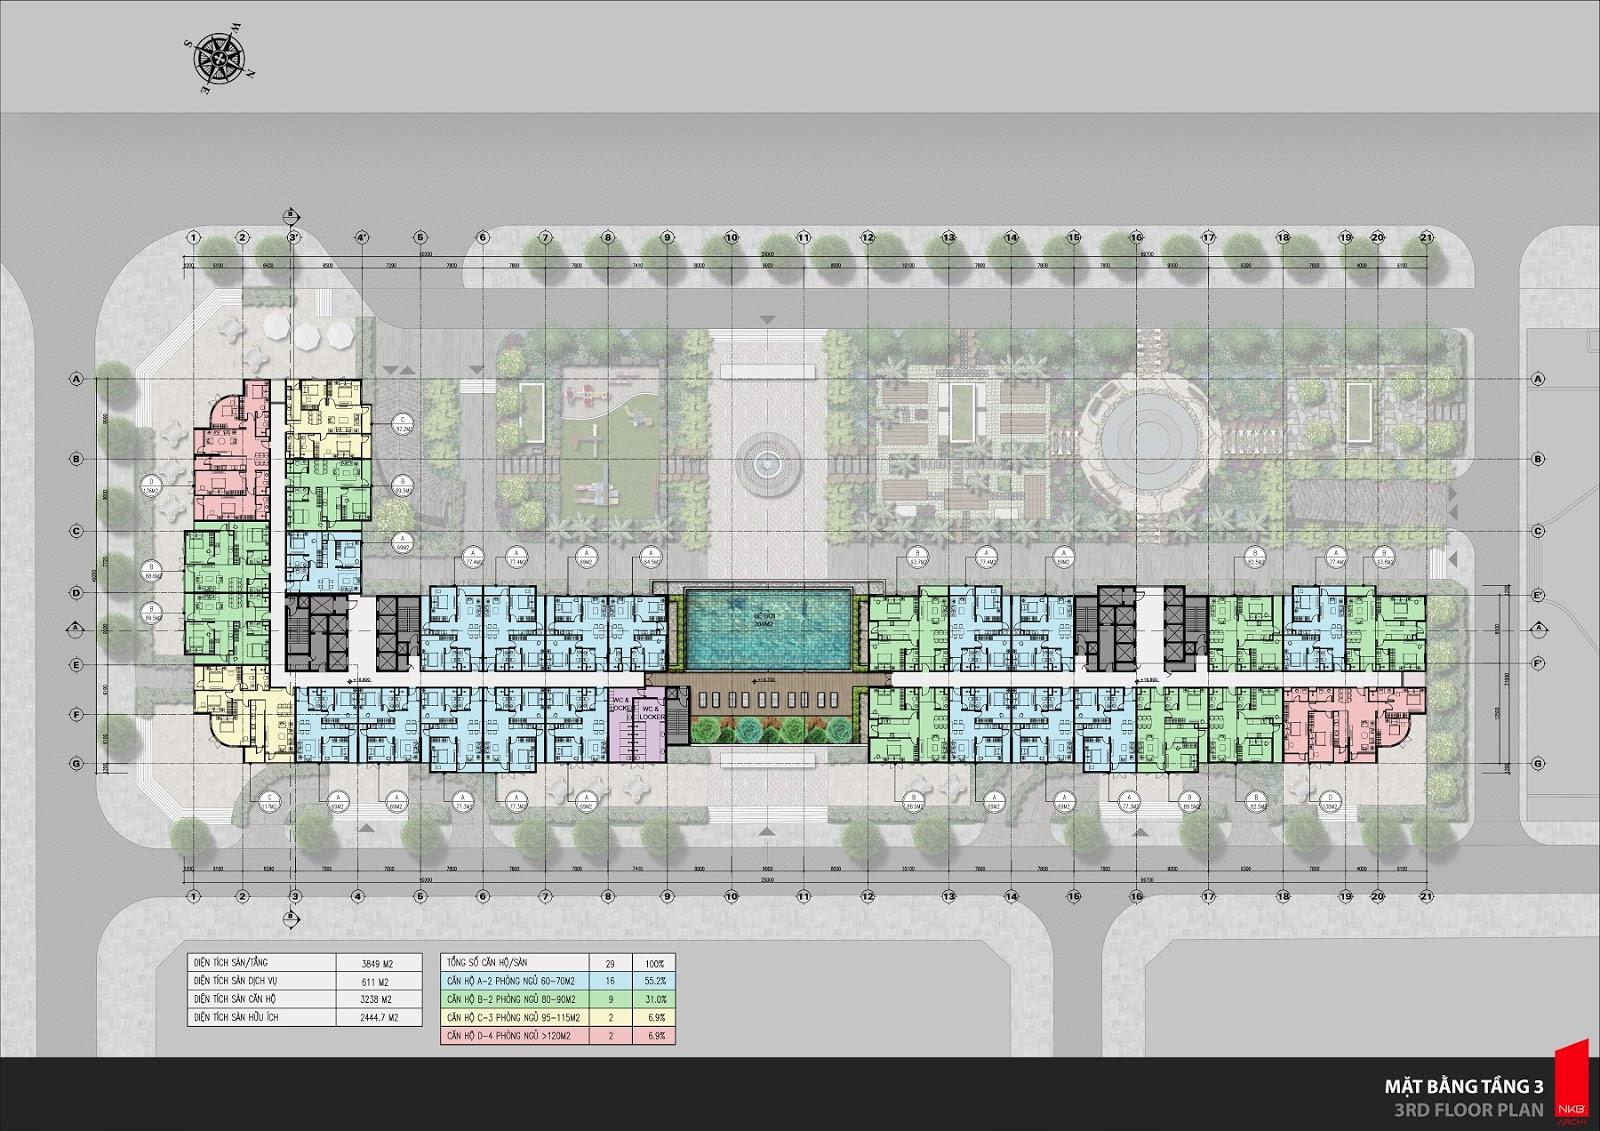 Mặt bằng thiết kế sàn căn hộ tầng 3